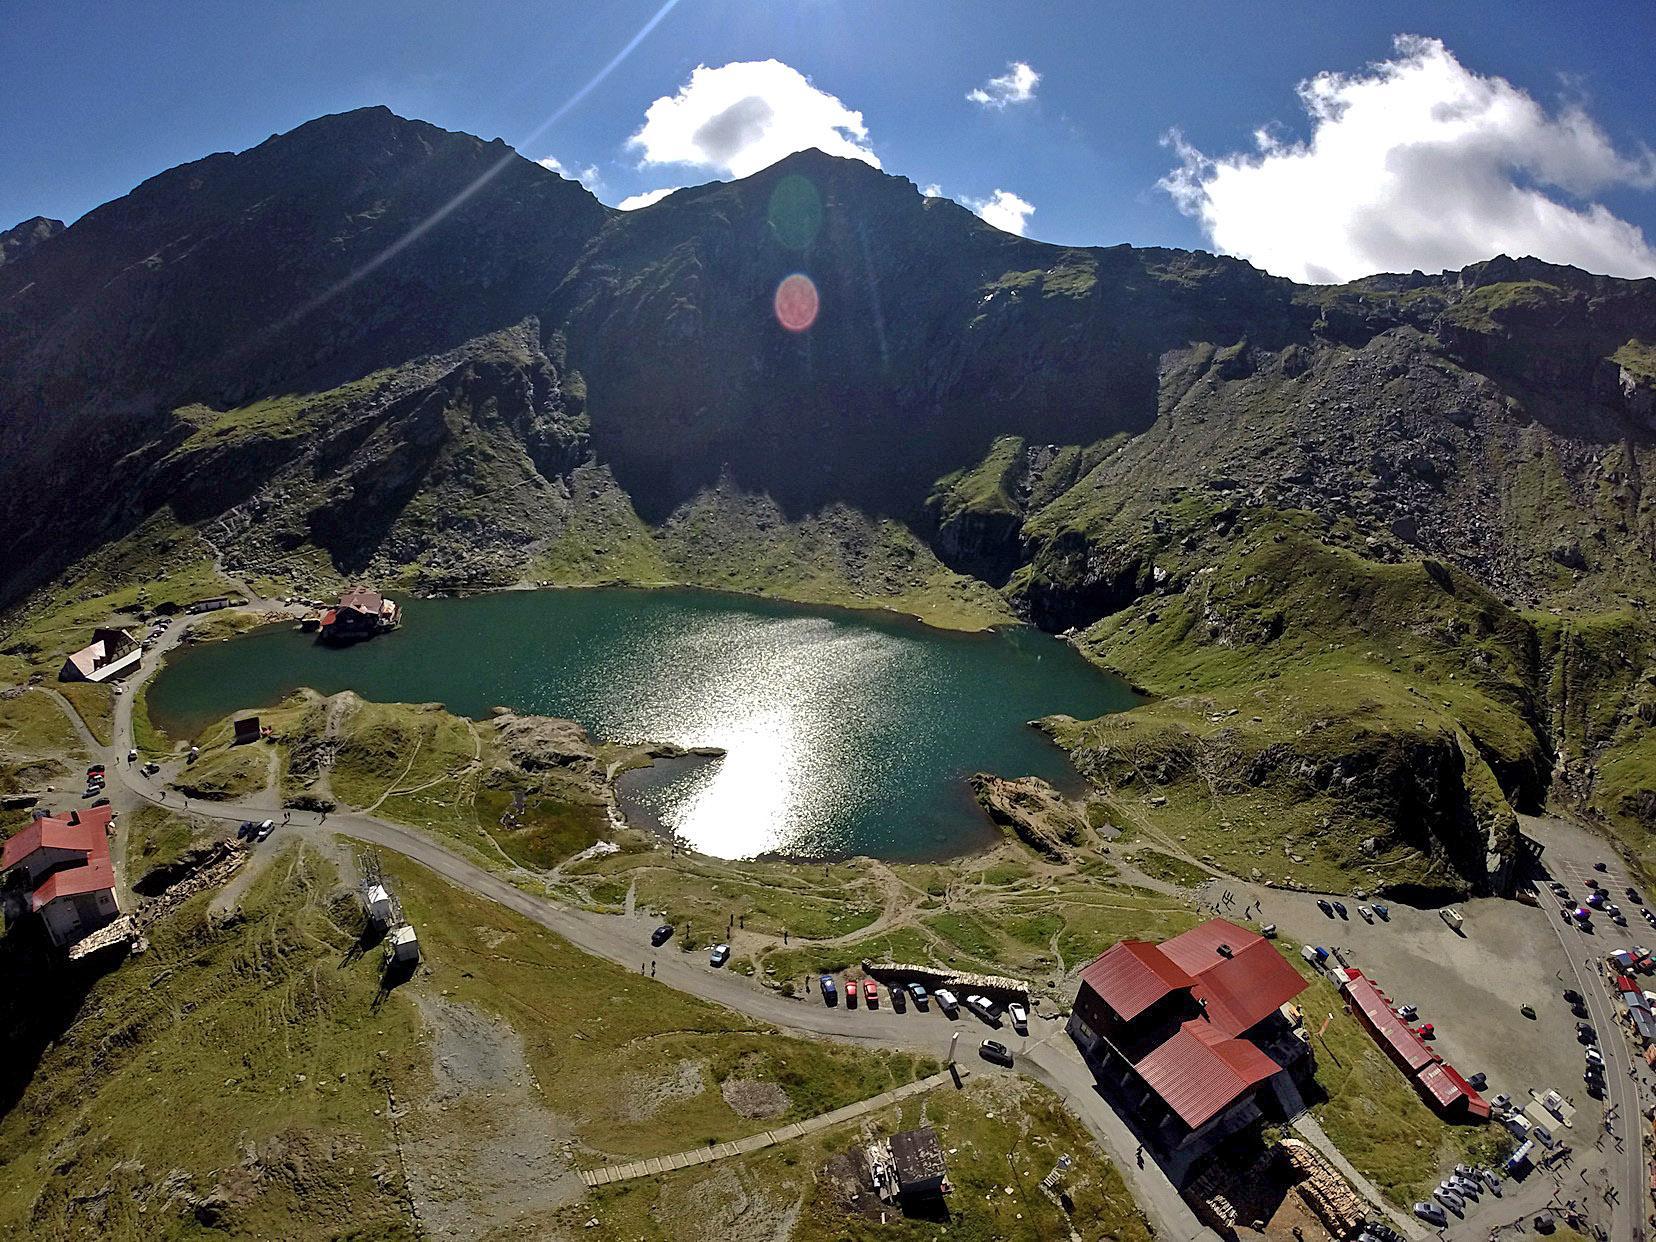 Cauți idei pentru o escapadă de weekend? Iată 5 lacuri din România pe care trebuie să le explorezi alături de un smartwatch de top